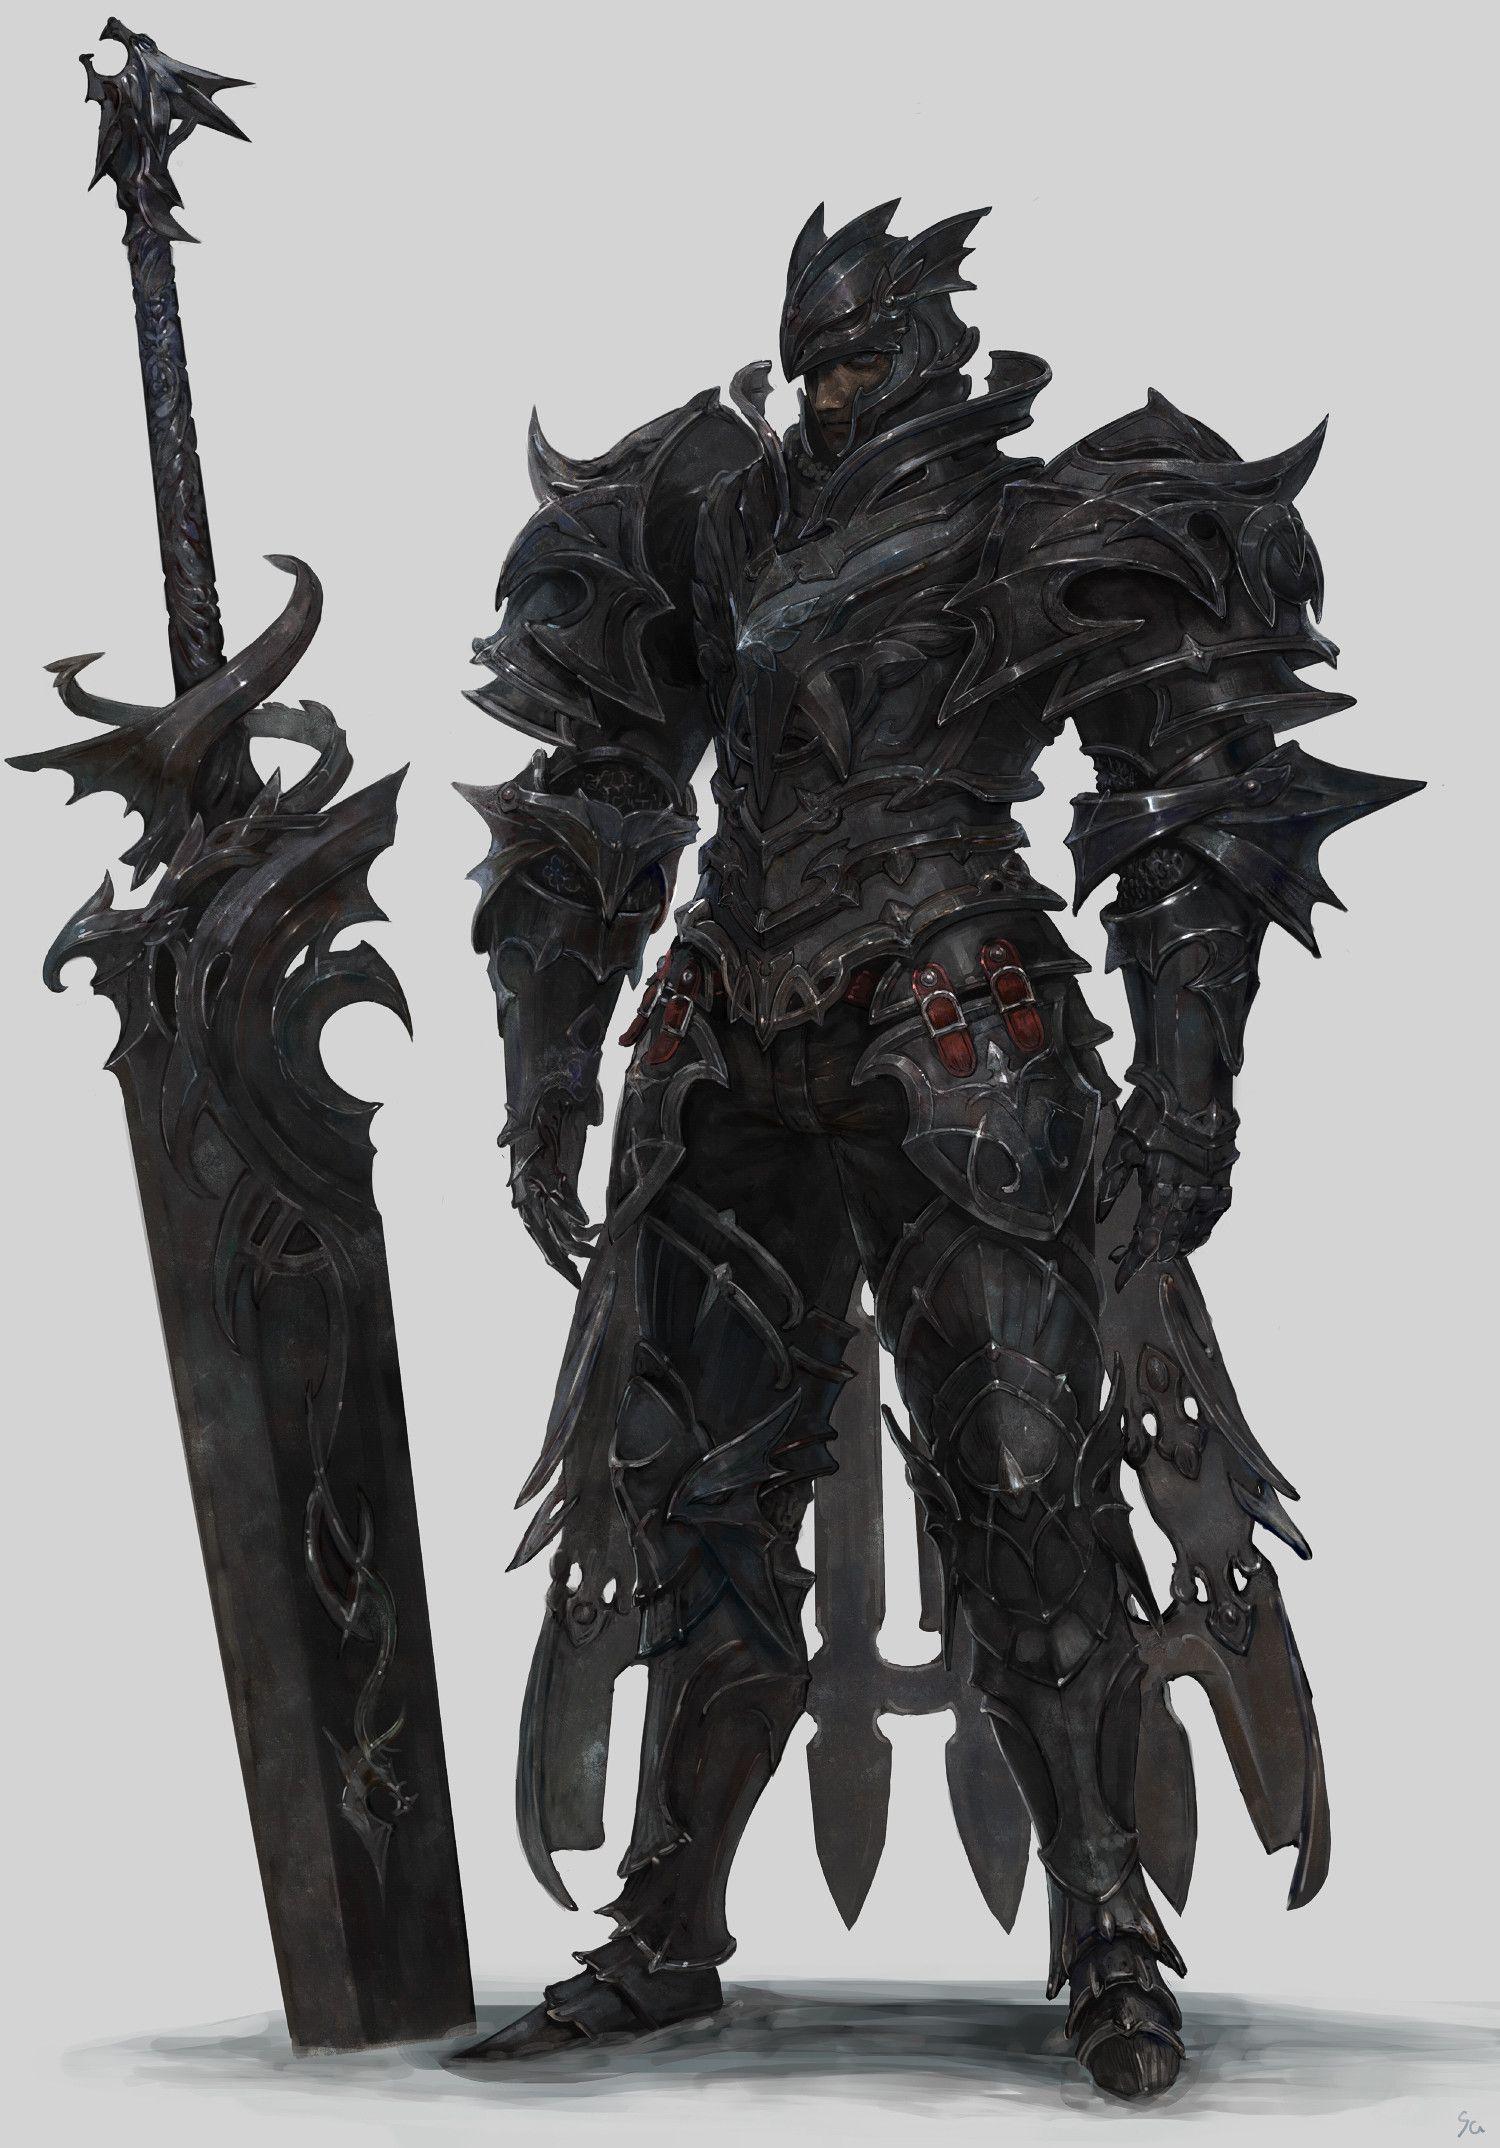 Artstation Black Knight Sanha Kim Concept Art Characters Fantasy Concept Art Fantasy Character Design